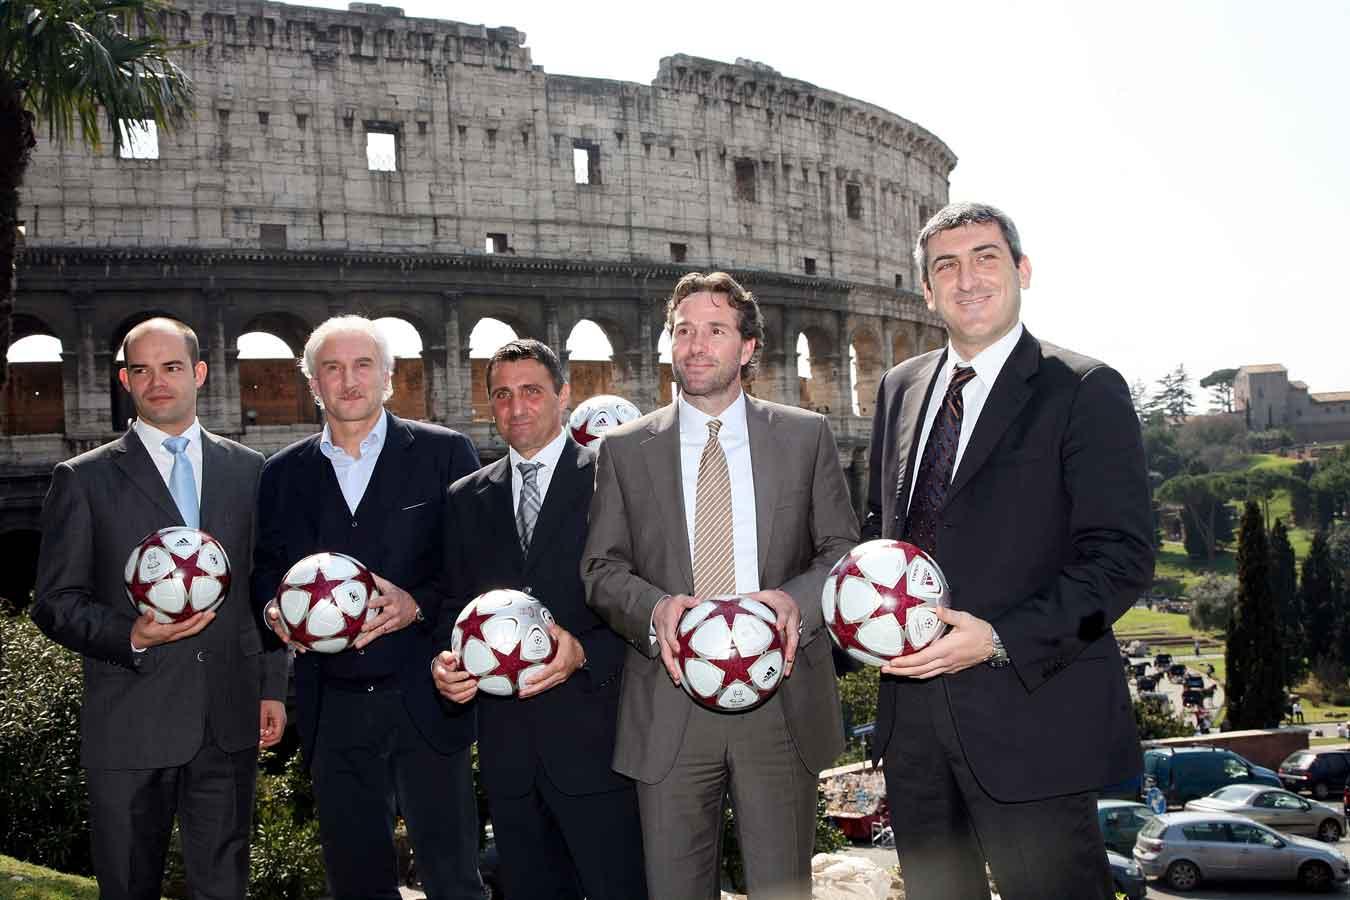 презентация мяча лиги чемпионов 2009